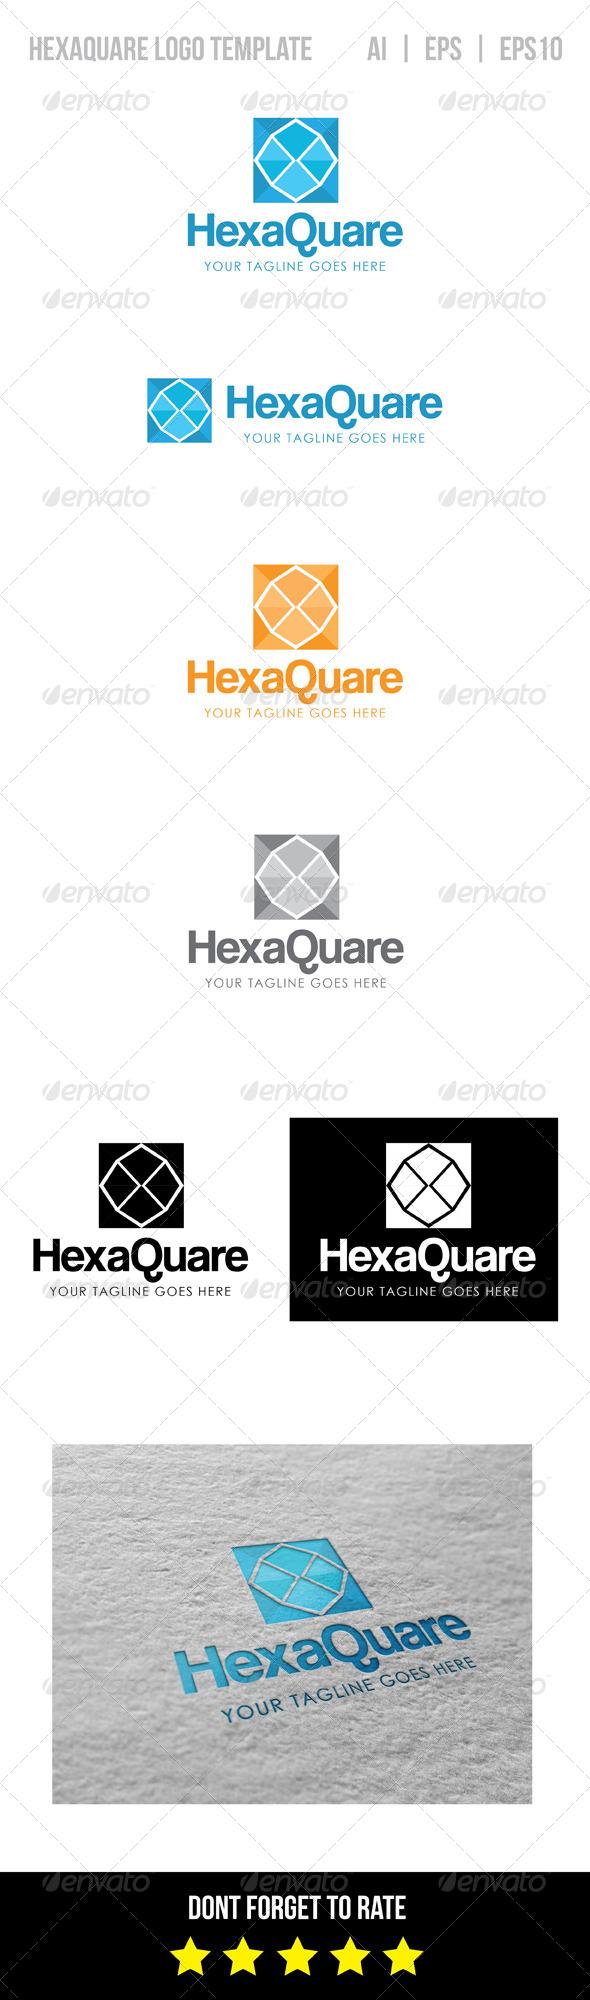 GraphicRiver Hexaquare Logo Template 8540565